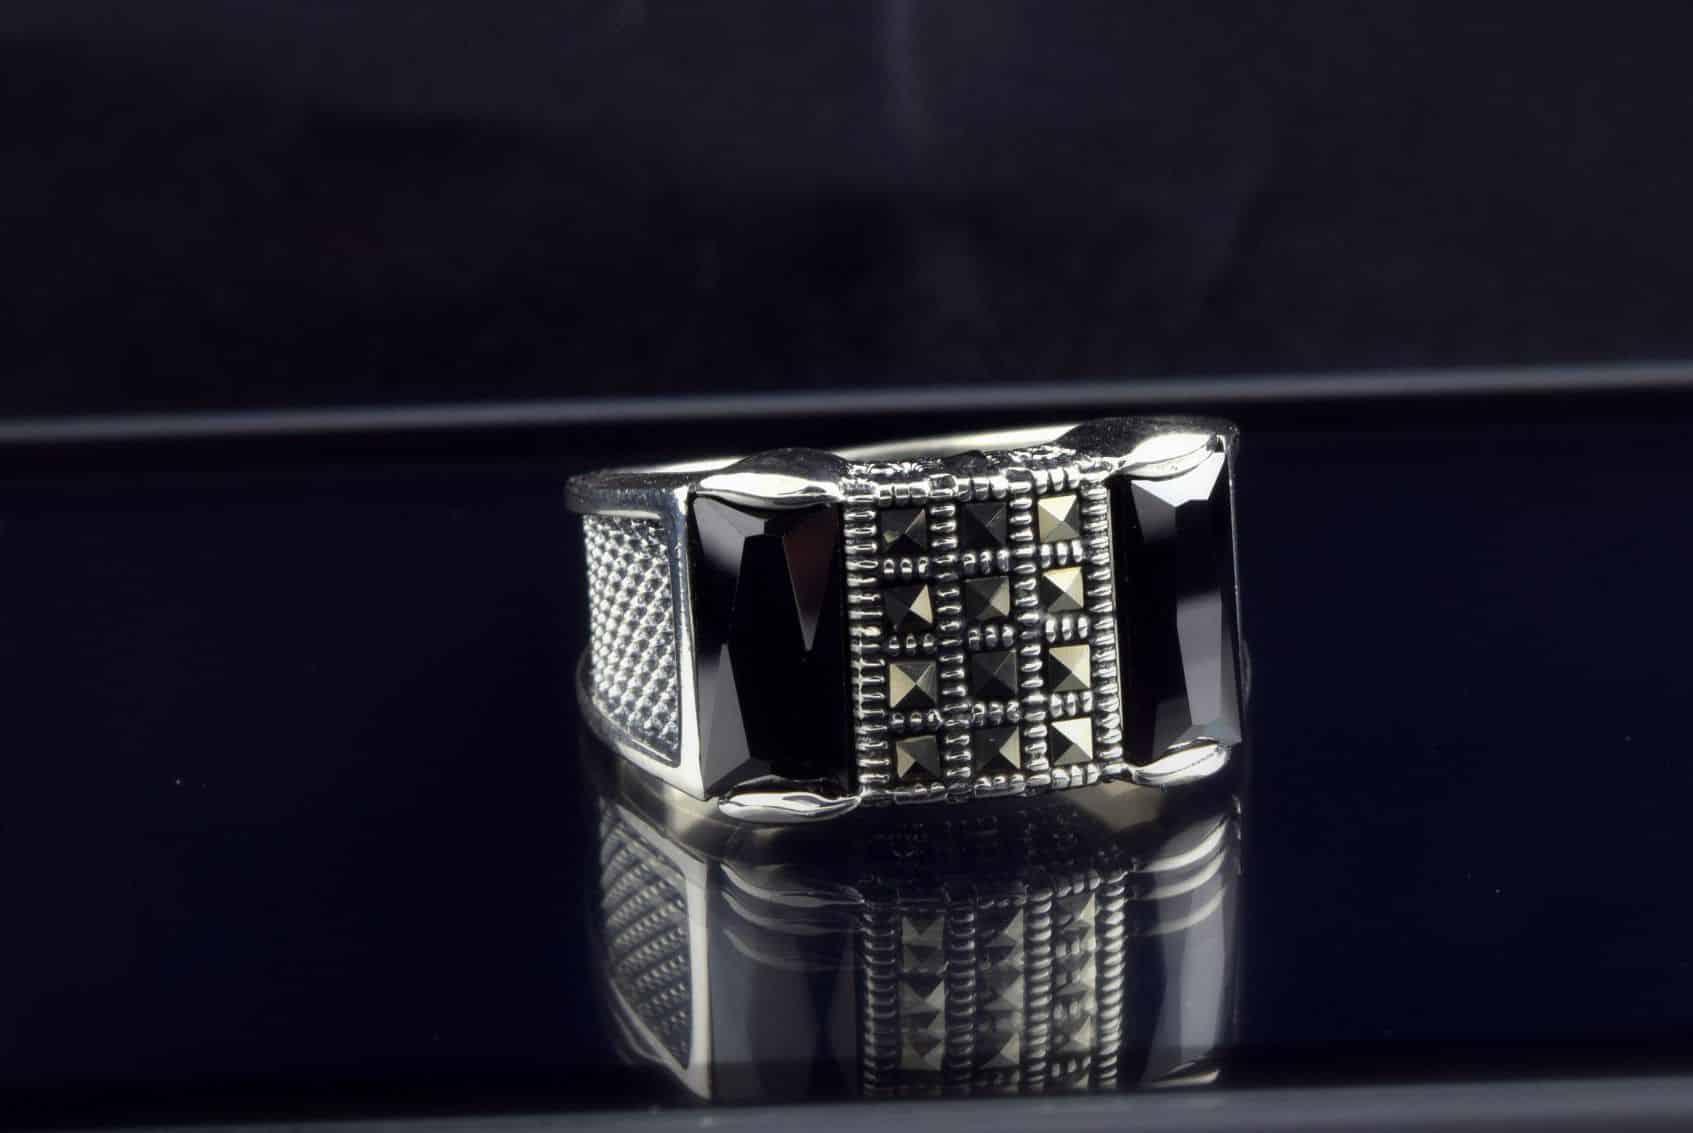 انگشتر مردانه نقره 925 لوکس با مارکازیت سواروسکی rg-n185